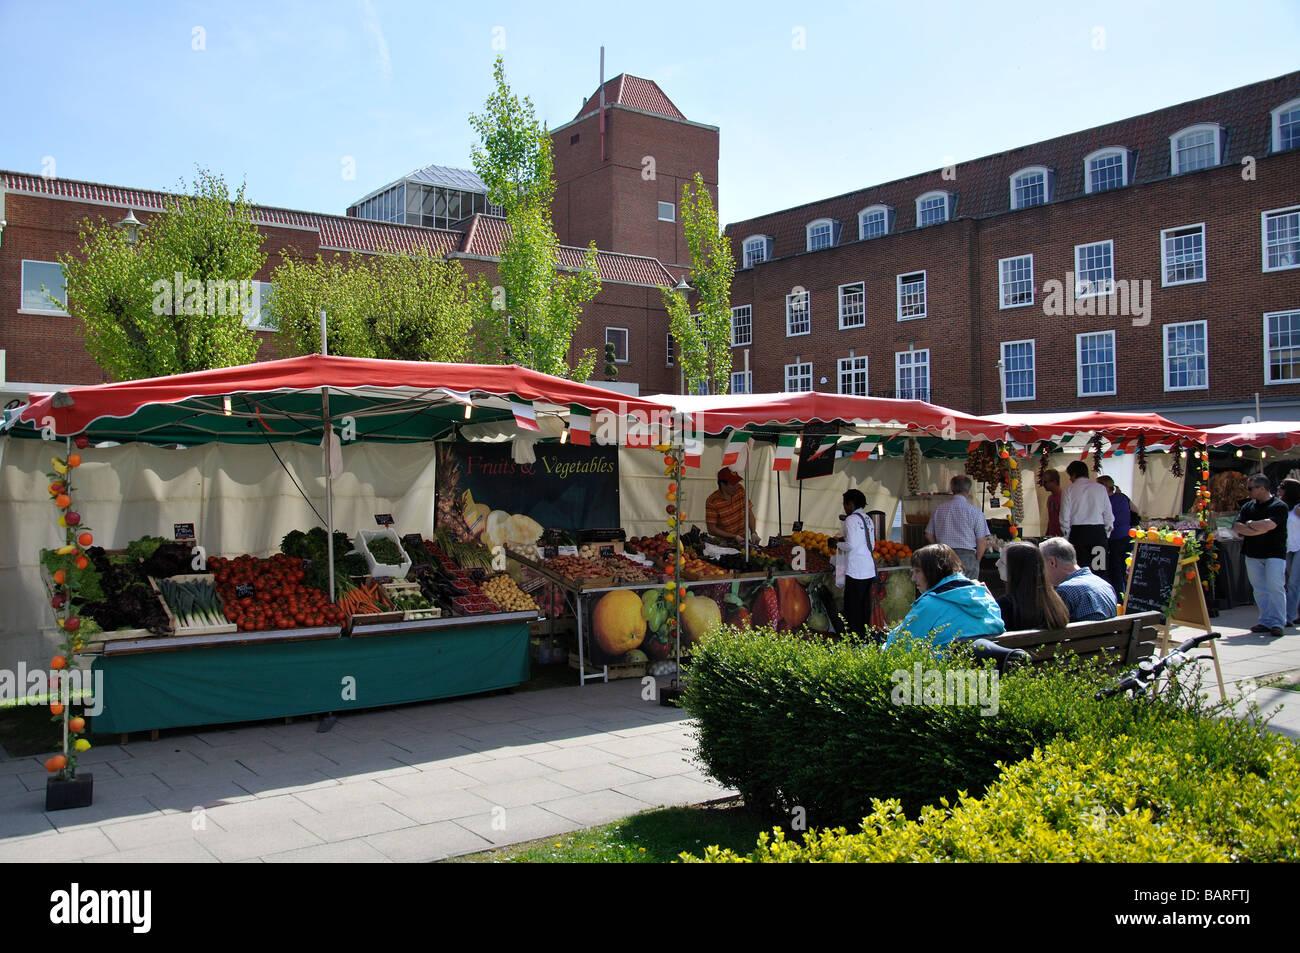 Welwyn garden city saturday market welwyn garden city - Welwyn garden city united kingdom ...